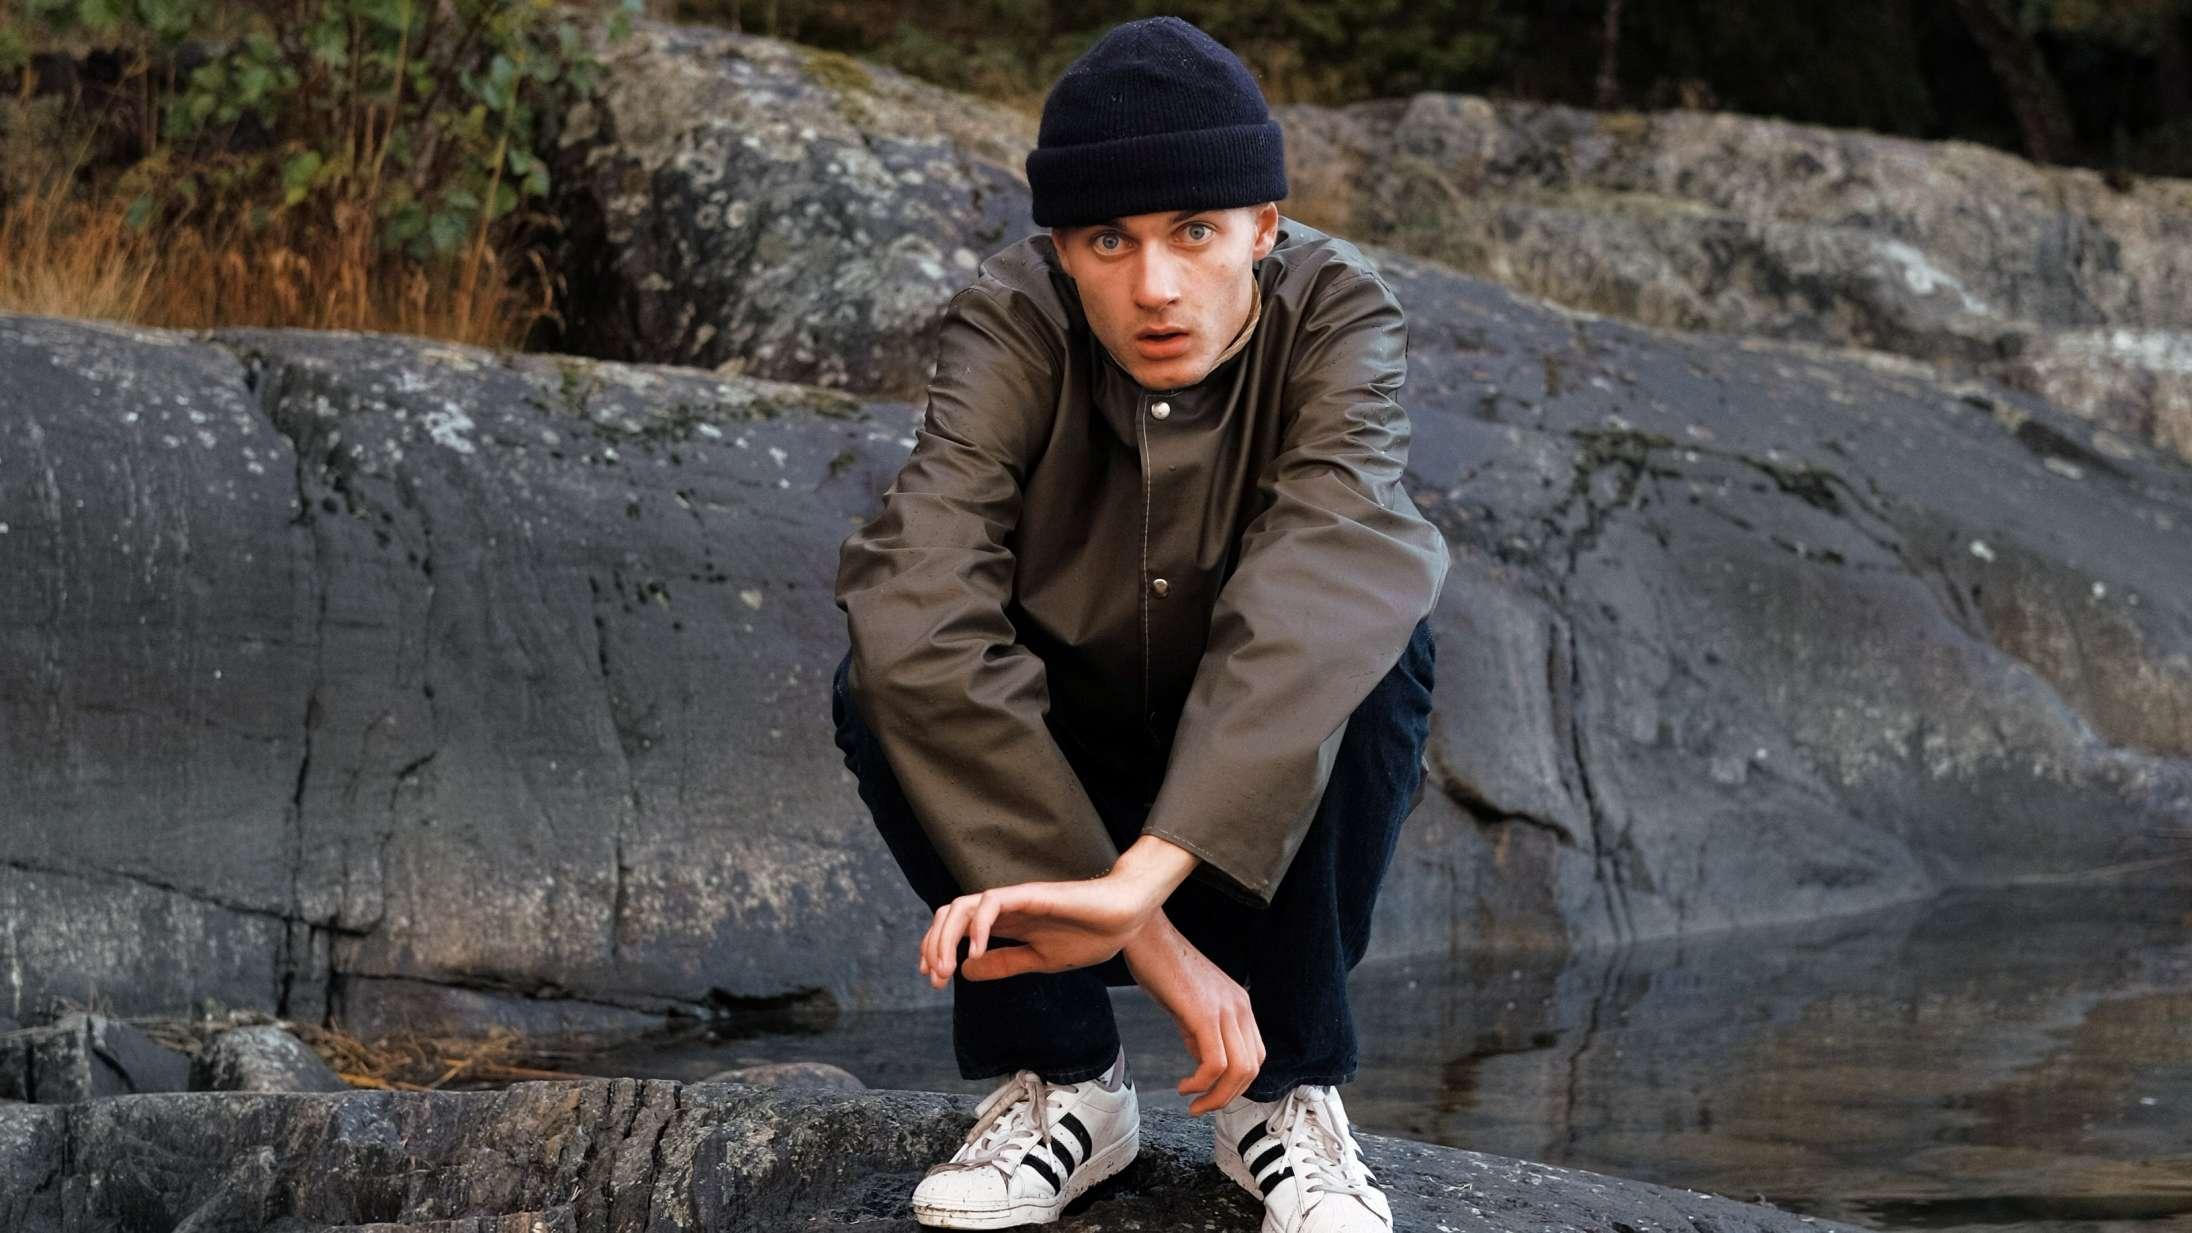 Spændende dansk band gik i opløsning efter få singler – nu har forsanger Karl Meyer udgivet et lovende debutalbum